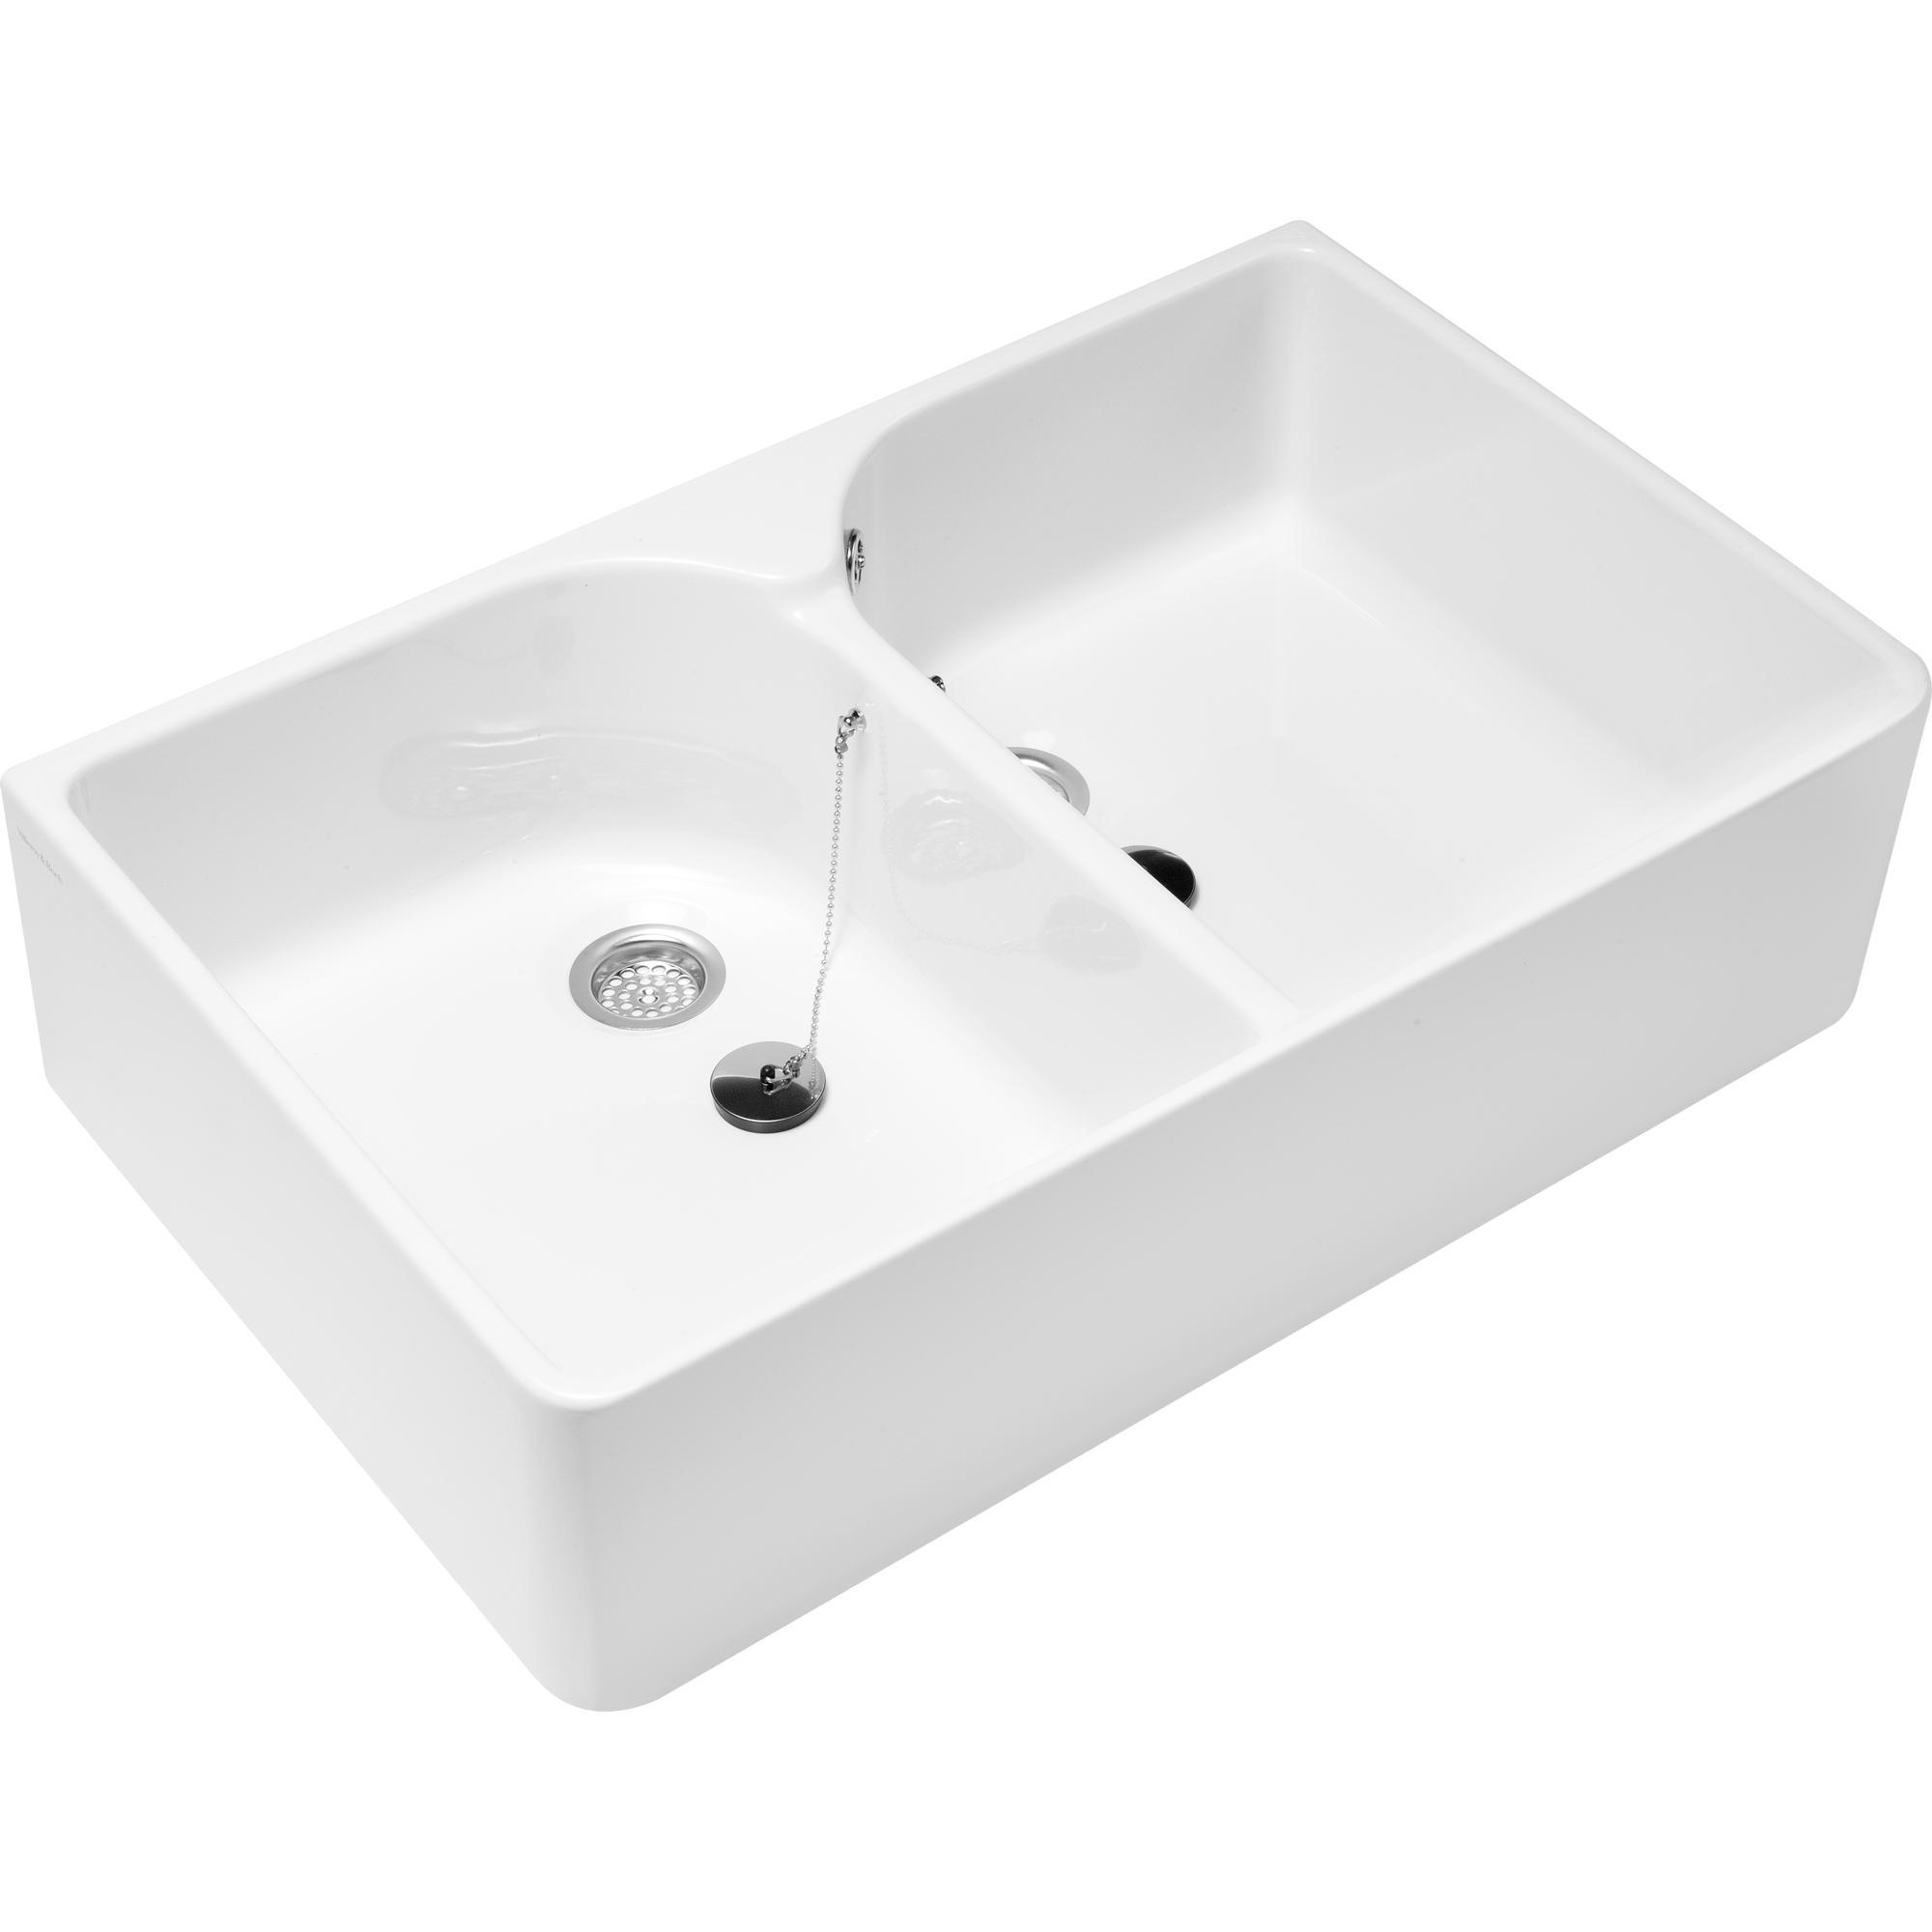 Tvättställ Villeroy & Boch O.novo